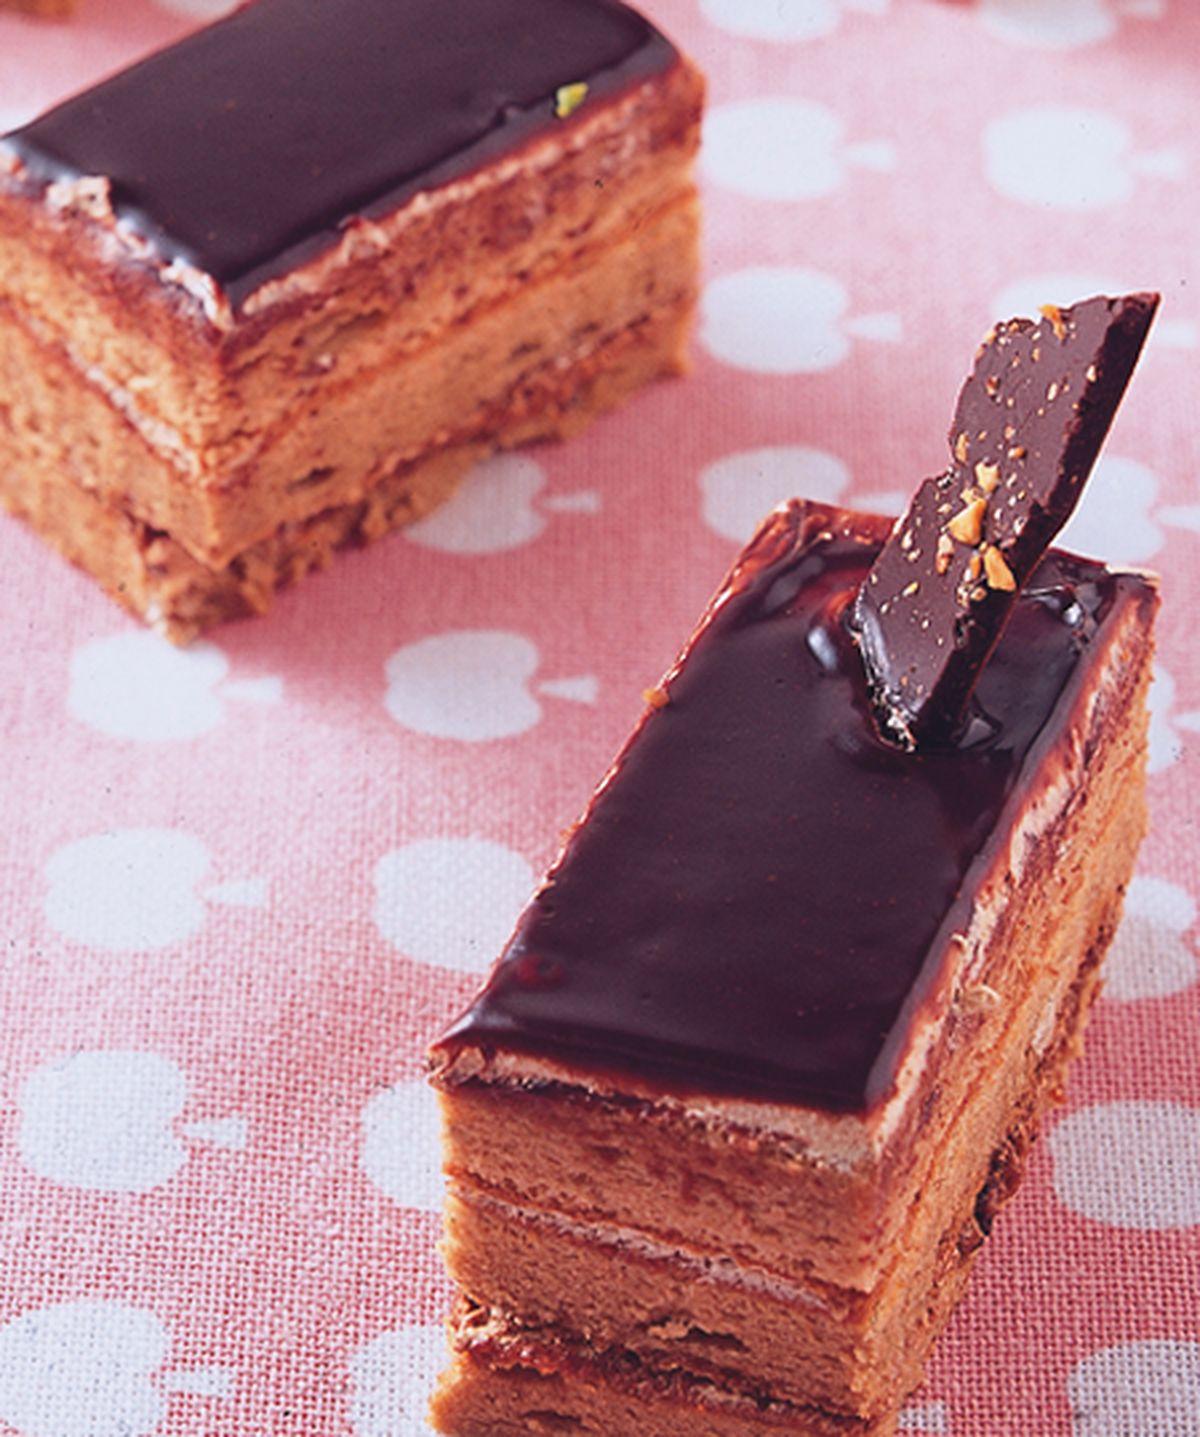 食譜:娜塔亞榛果戚風蛋糕